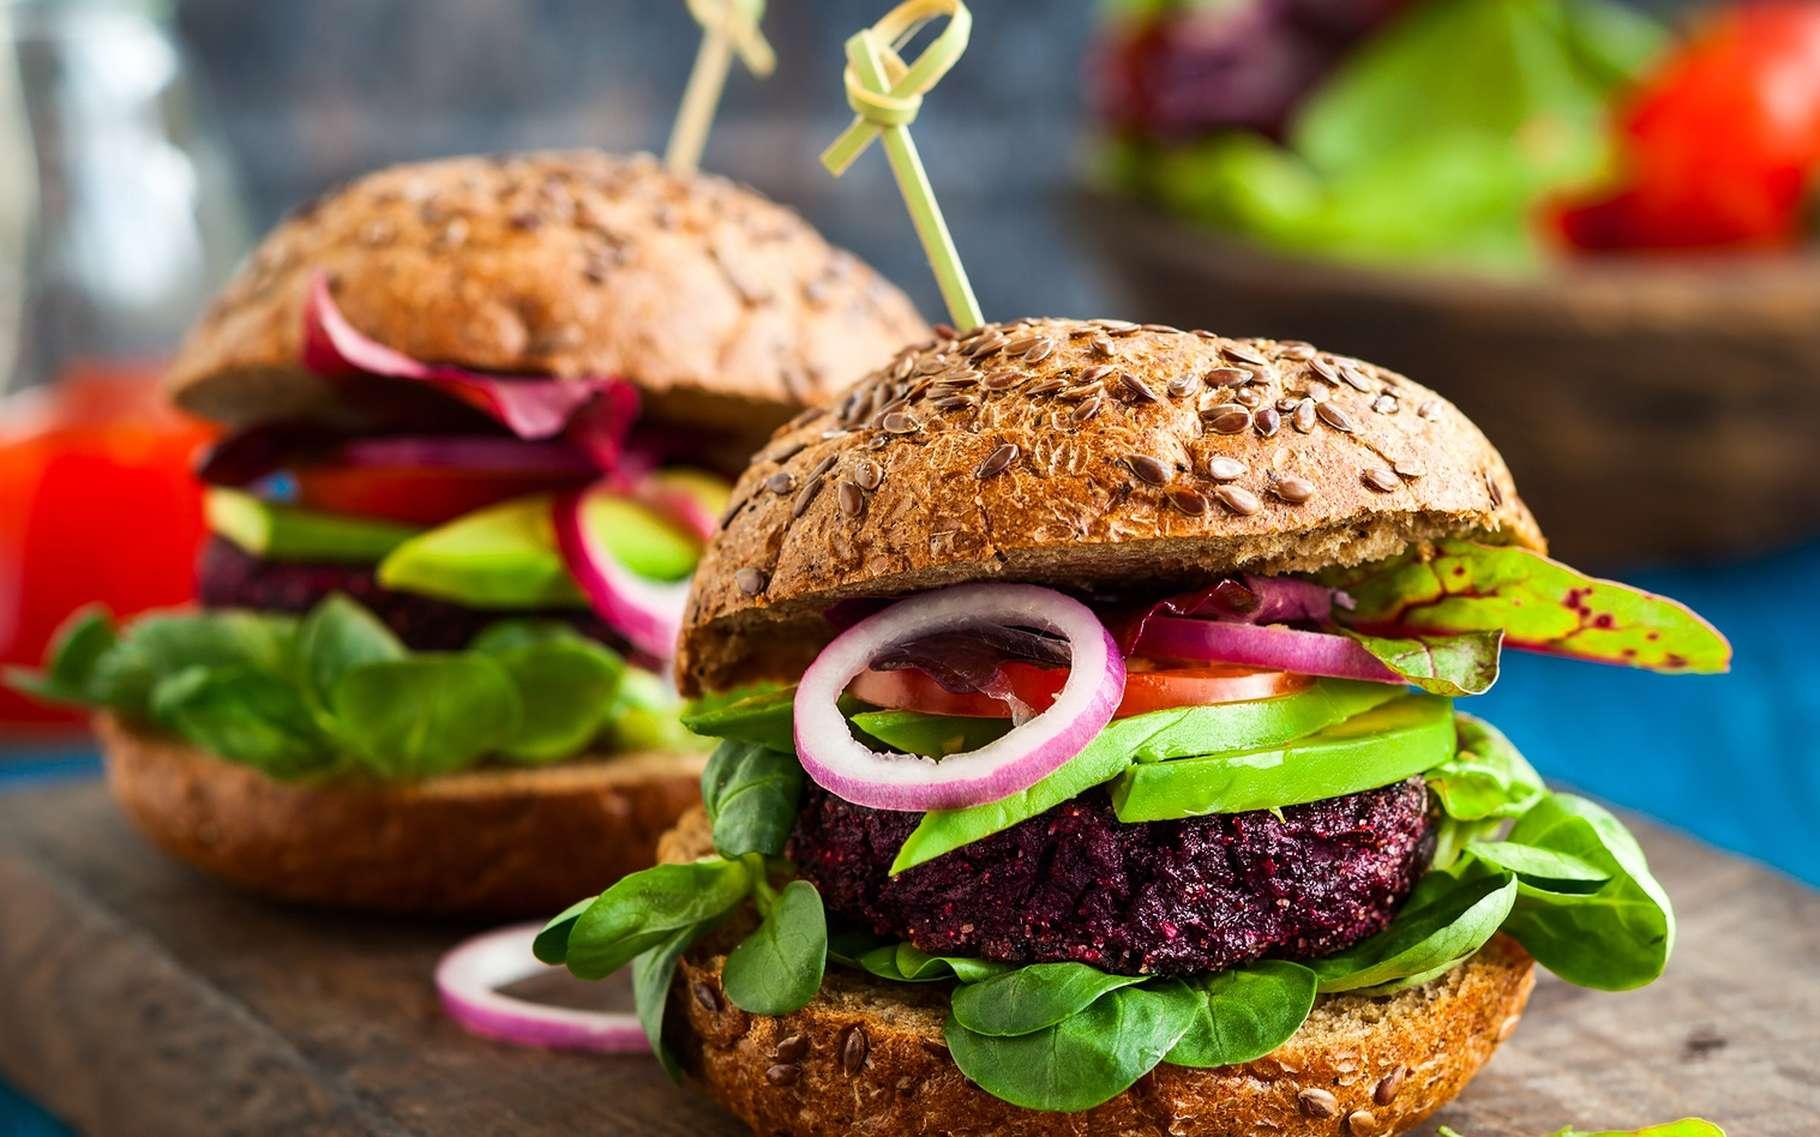 Pas de steak ni de cheddar dans un hamburger végétalien. © sarsmis, Shutterstock